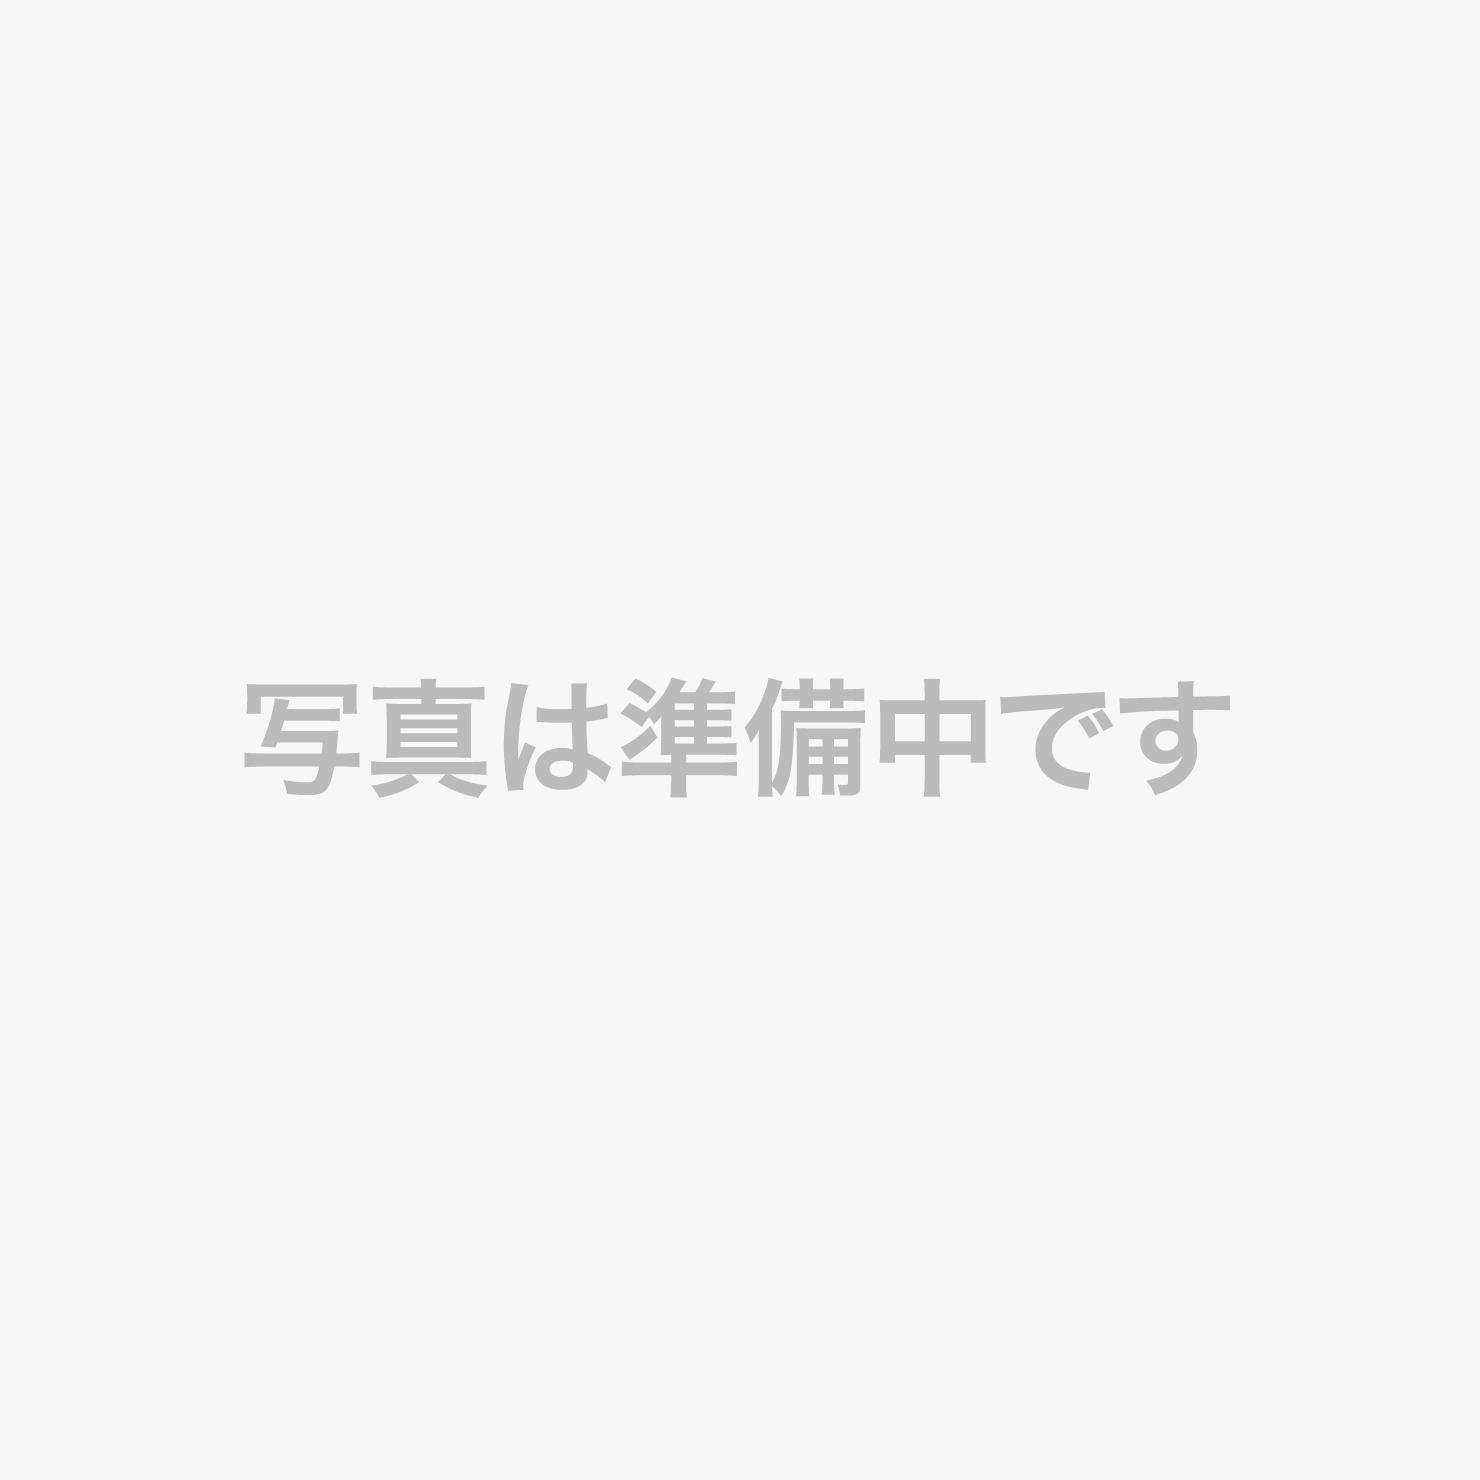 和ダイニング・花鳥紋にて人気の炭火焼懐石料理